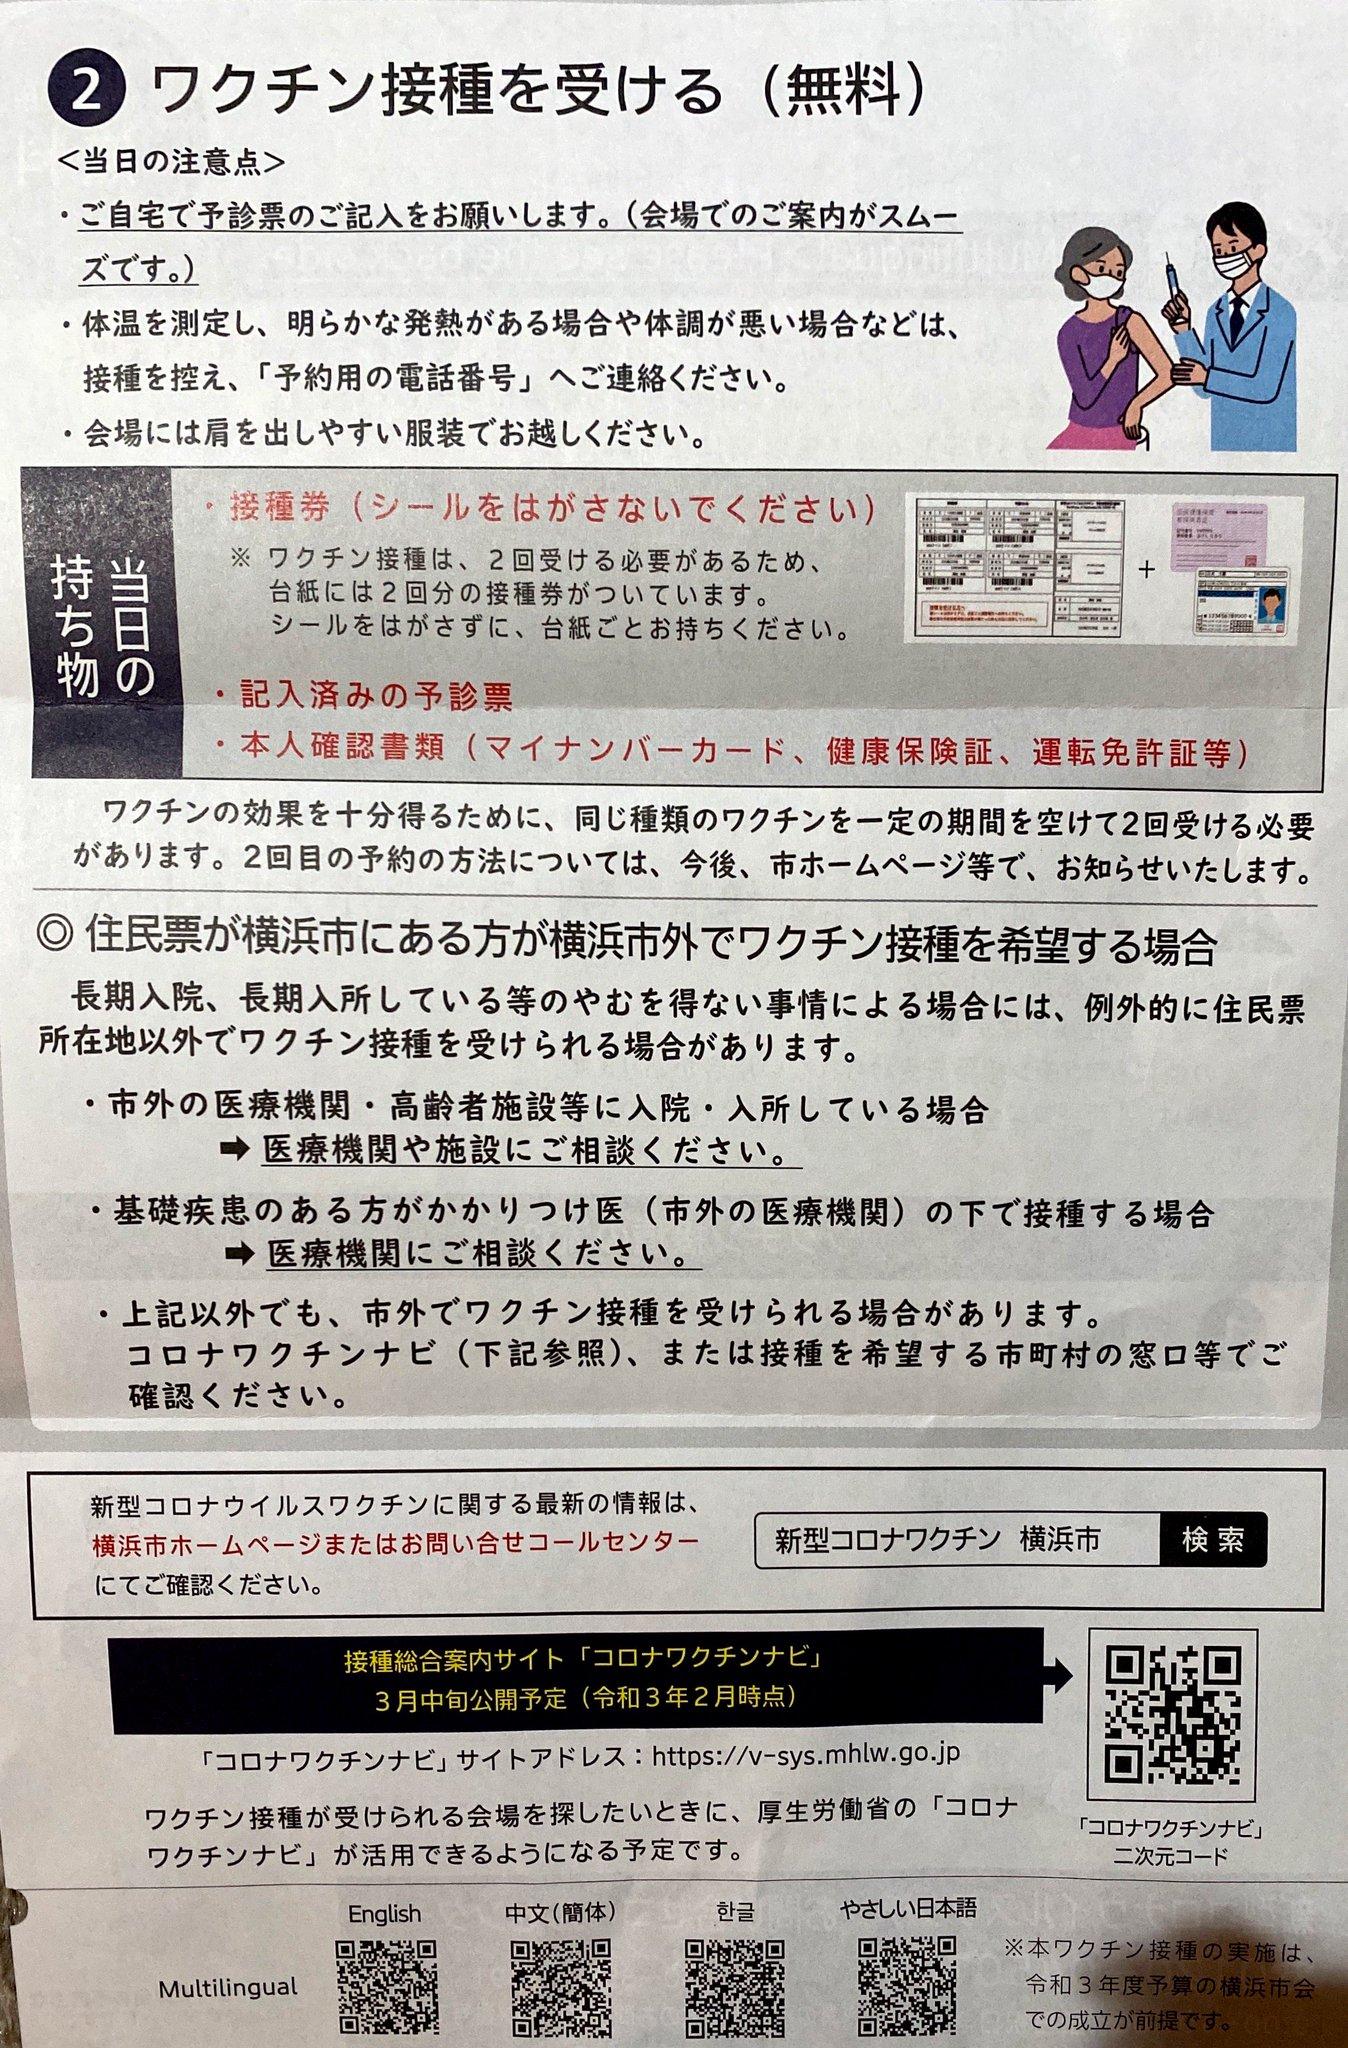 マイナンバーカード 予約 横浜 川崎市:インターネットでの予約